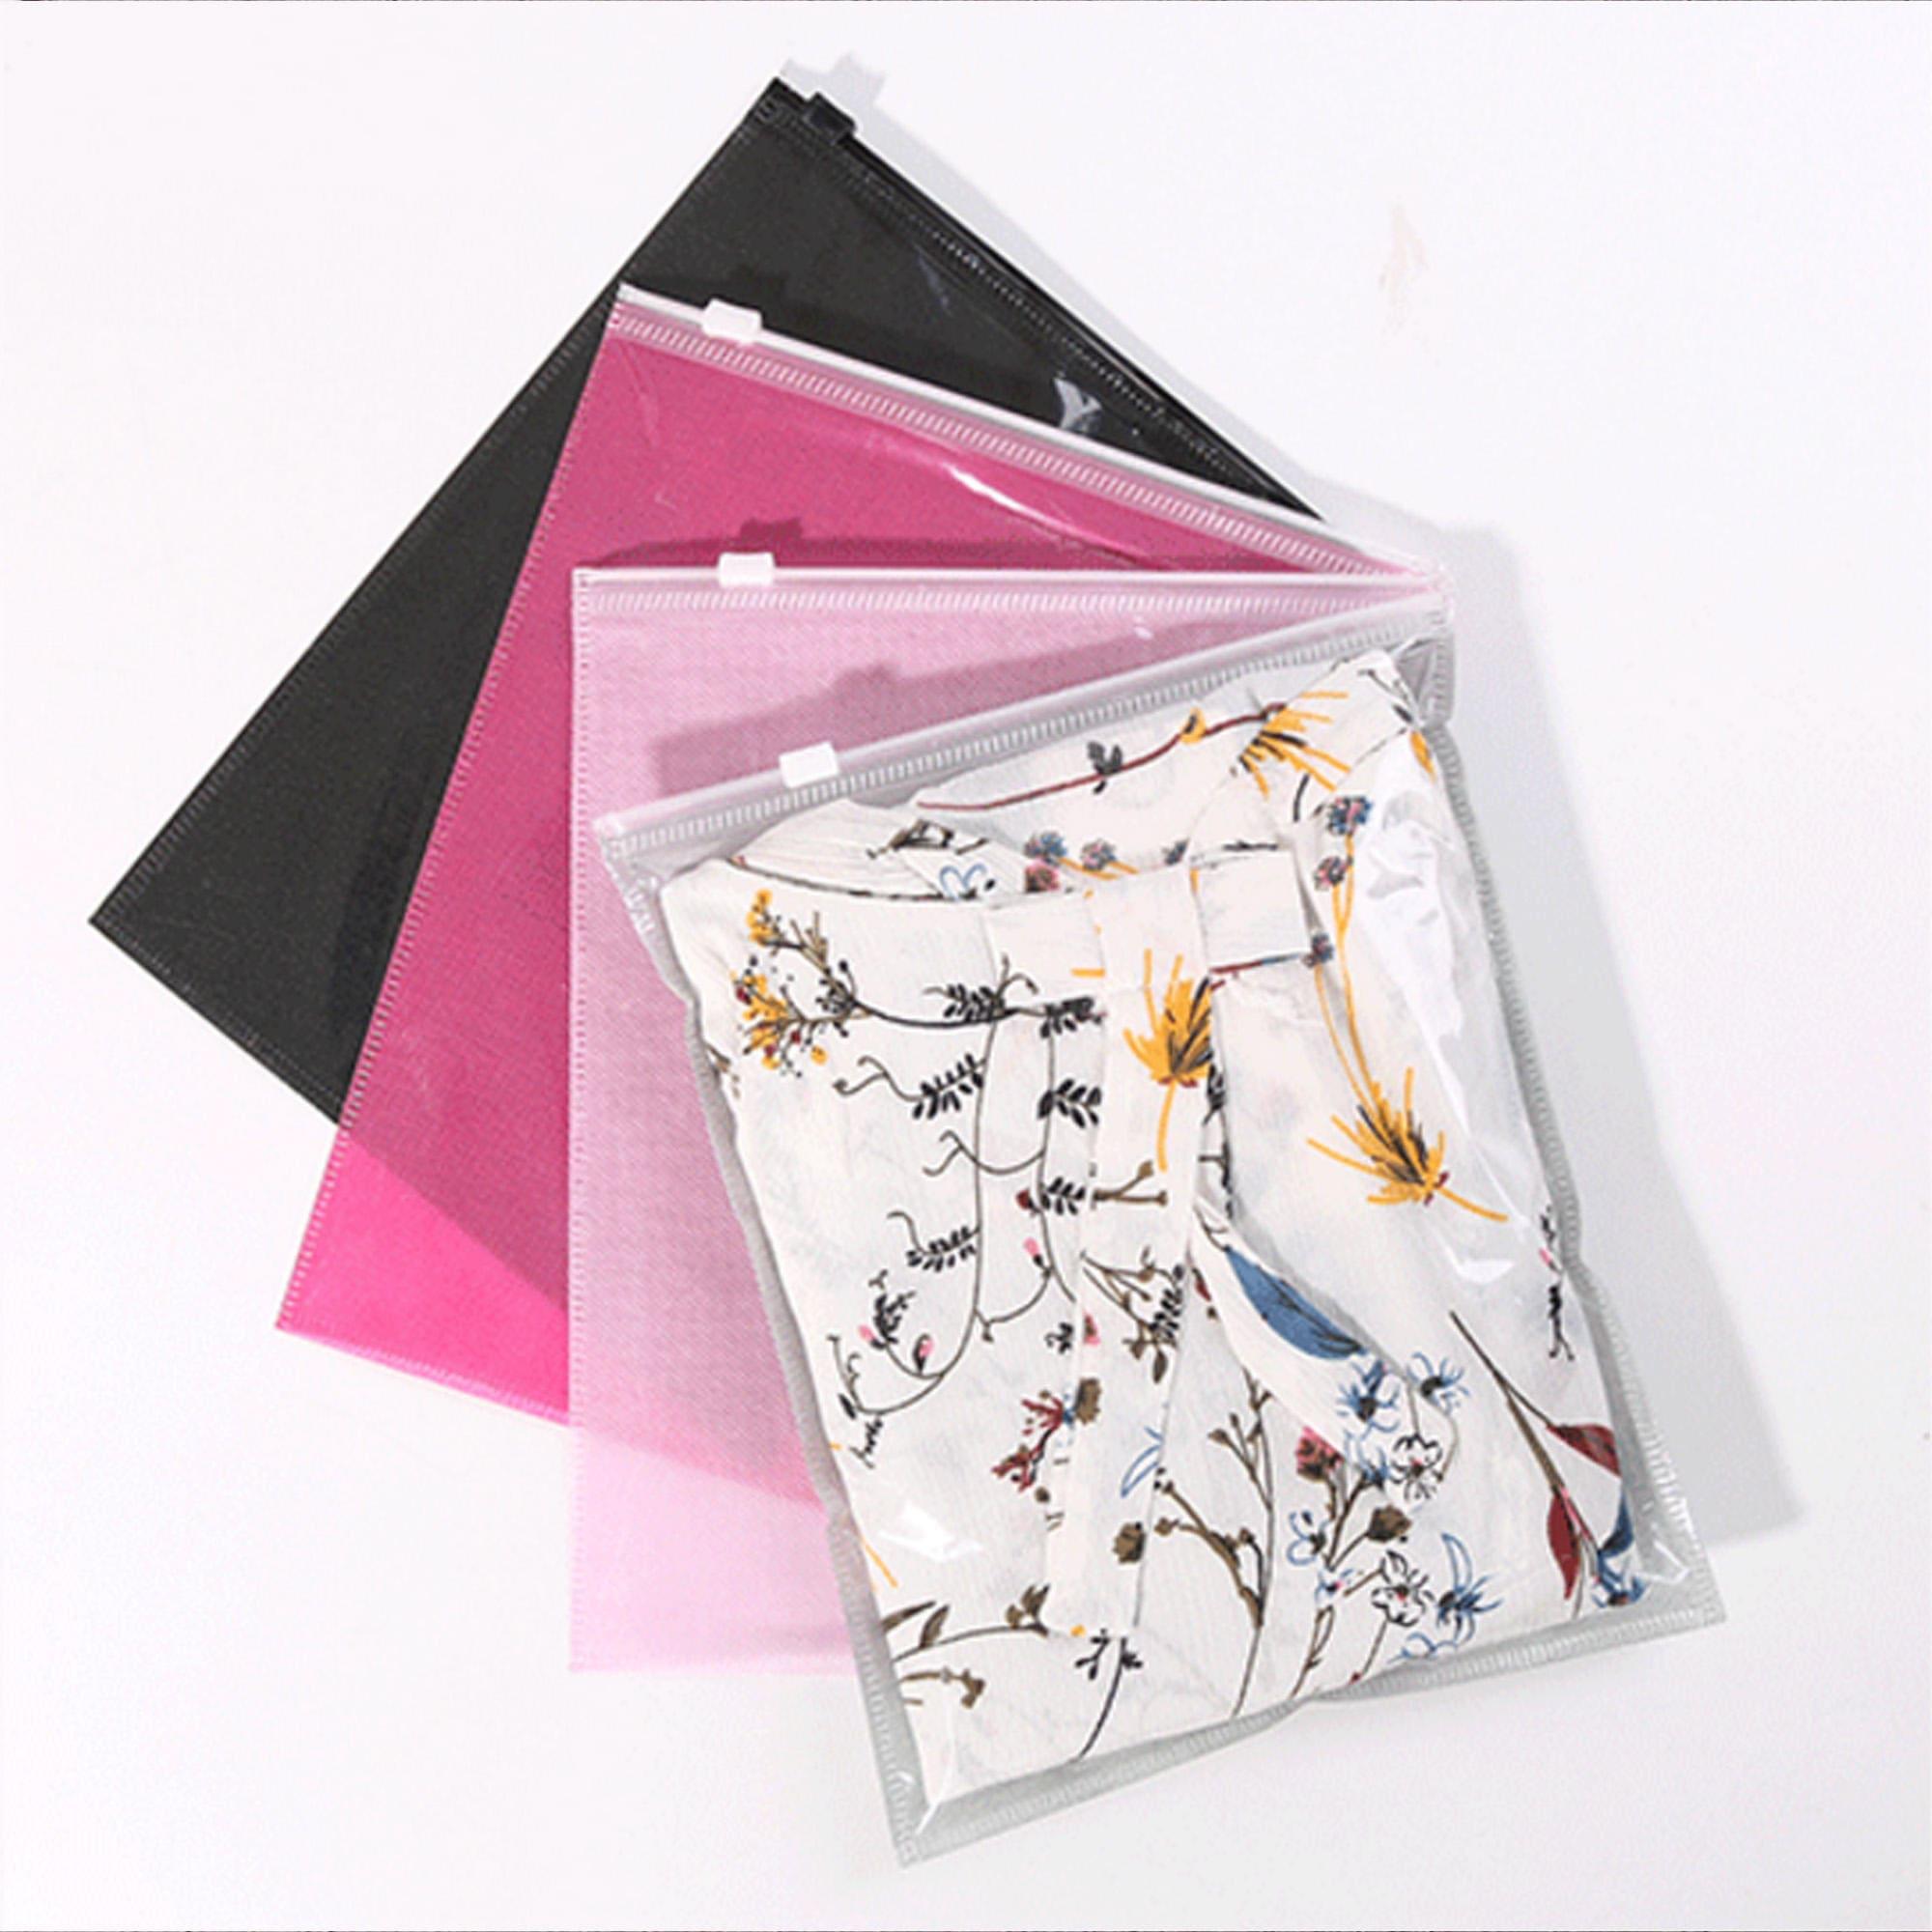 C28-paquet de fermeture 150 couleur claire avant arrière Non-tissée curseur fermeture de vêtements, sacs de rangement ec05c6